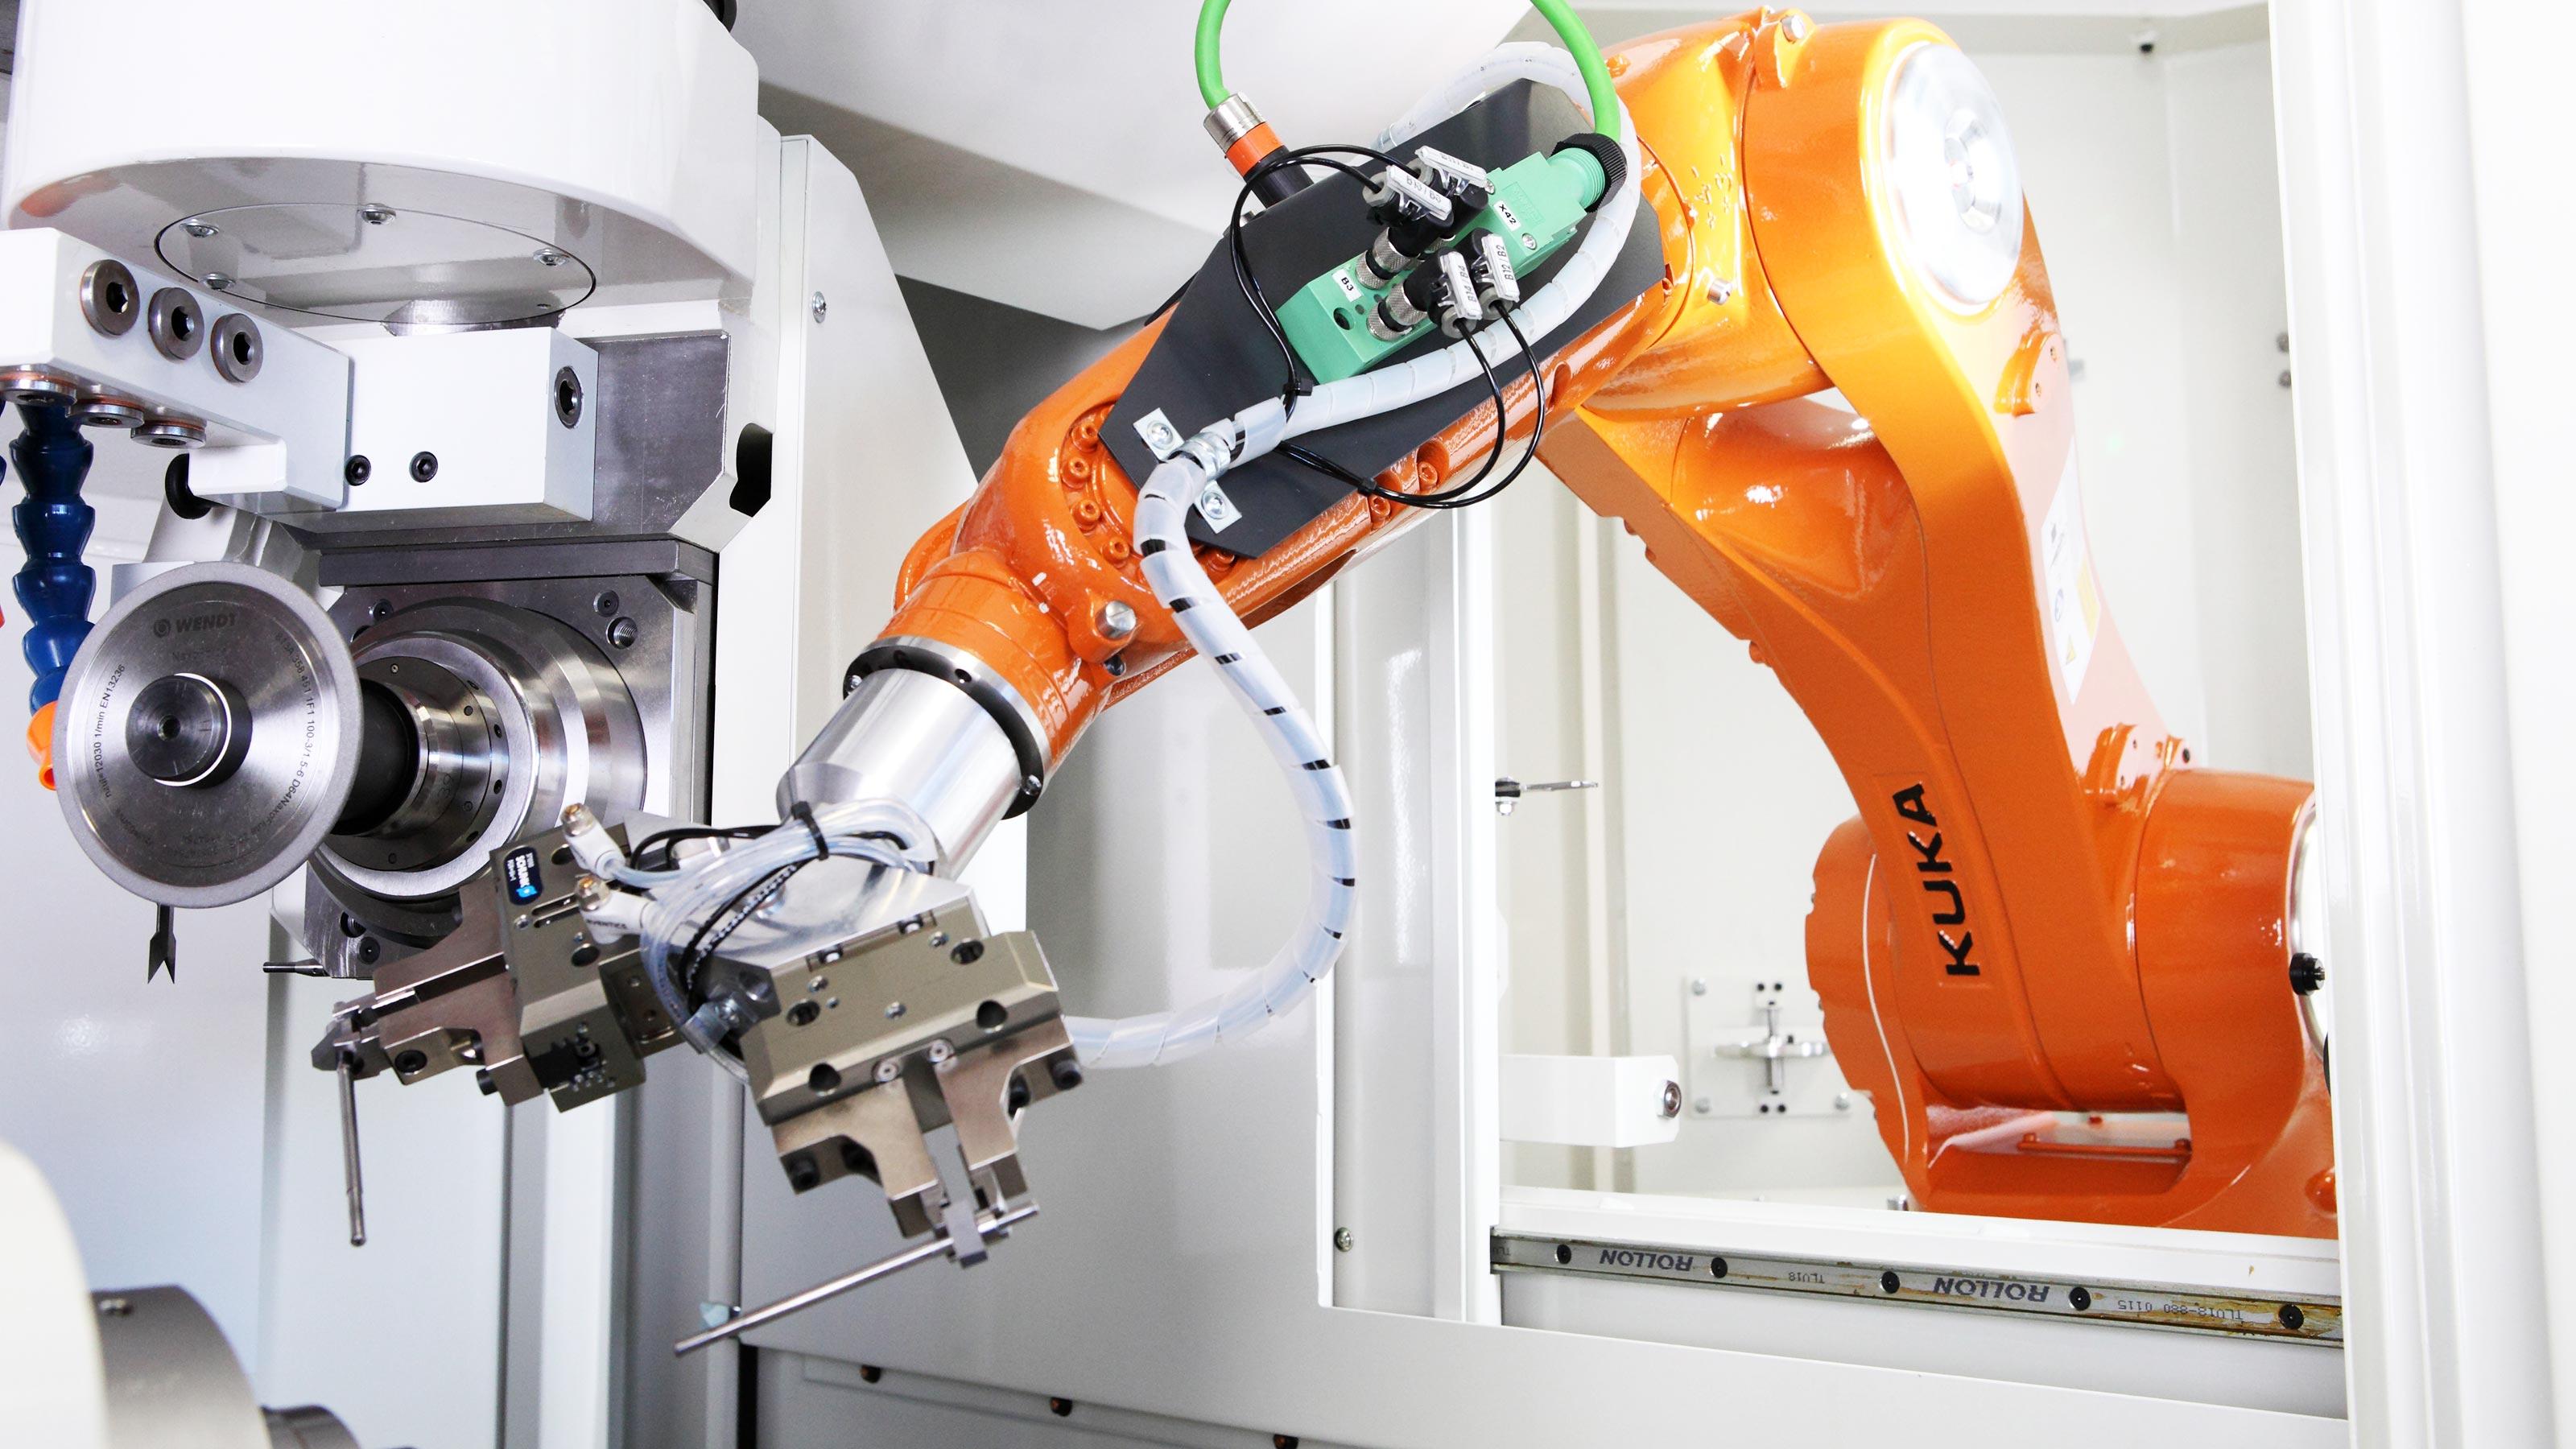 Kuka robot working on floor